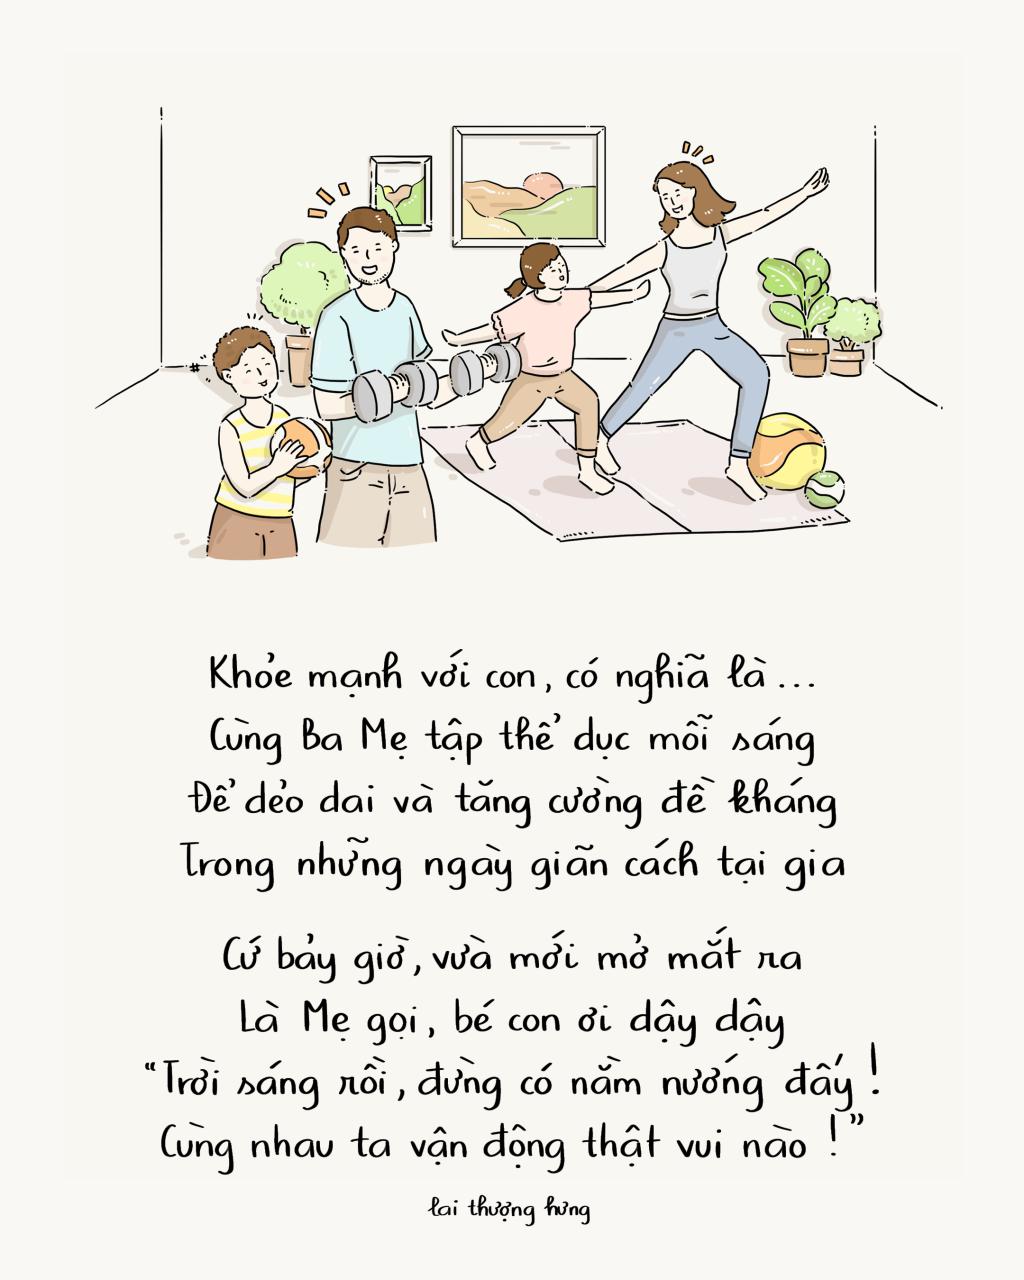 Mong muốn về cuộc sống khỏe mạnh của trẻ em trong mùa dịch qua góc nhìn hội họa